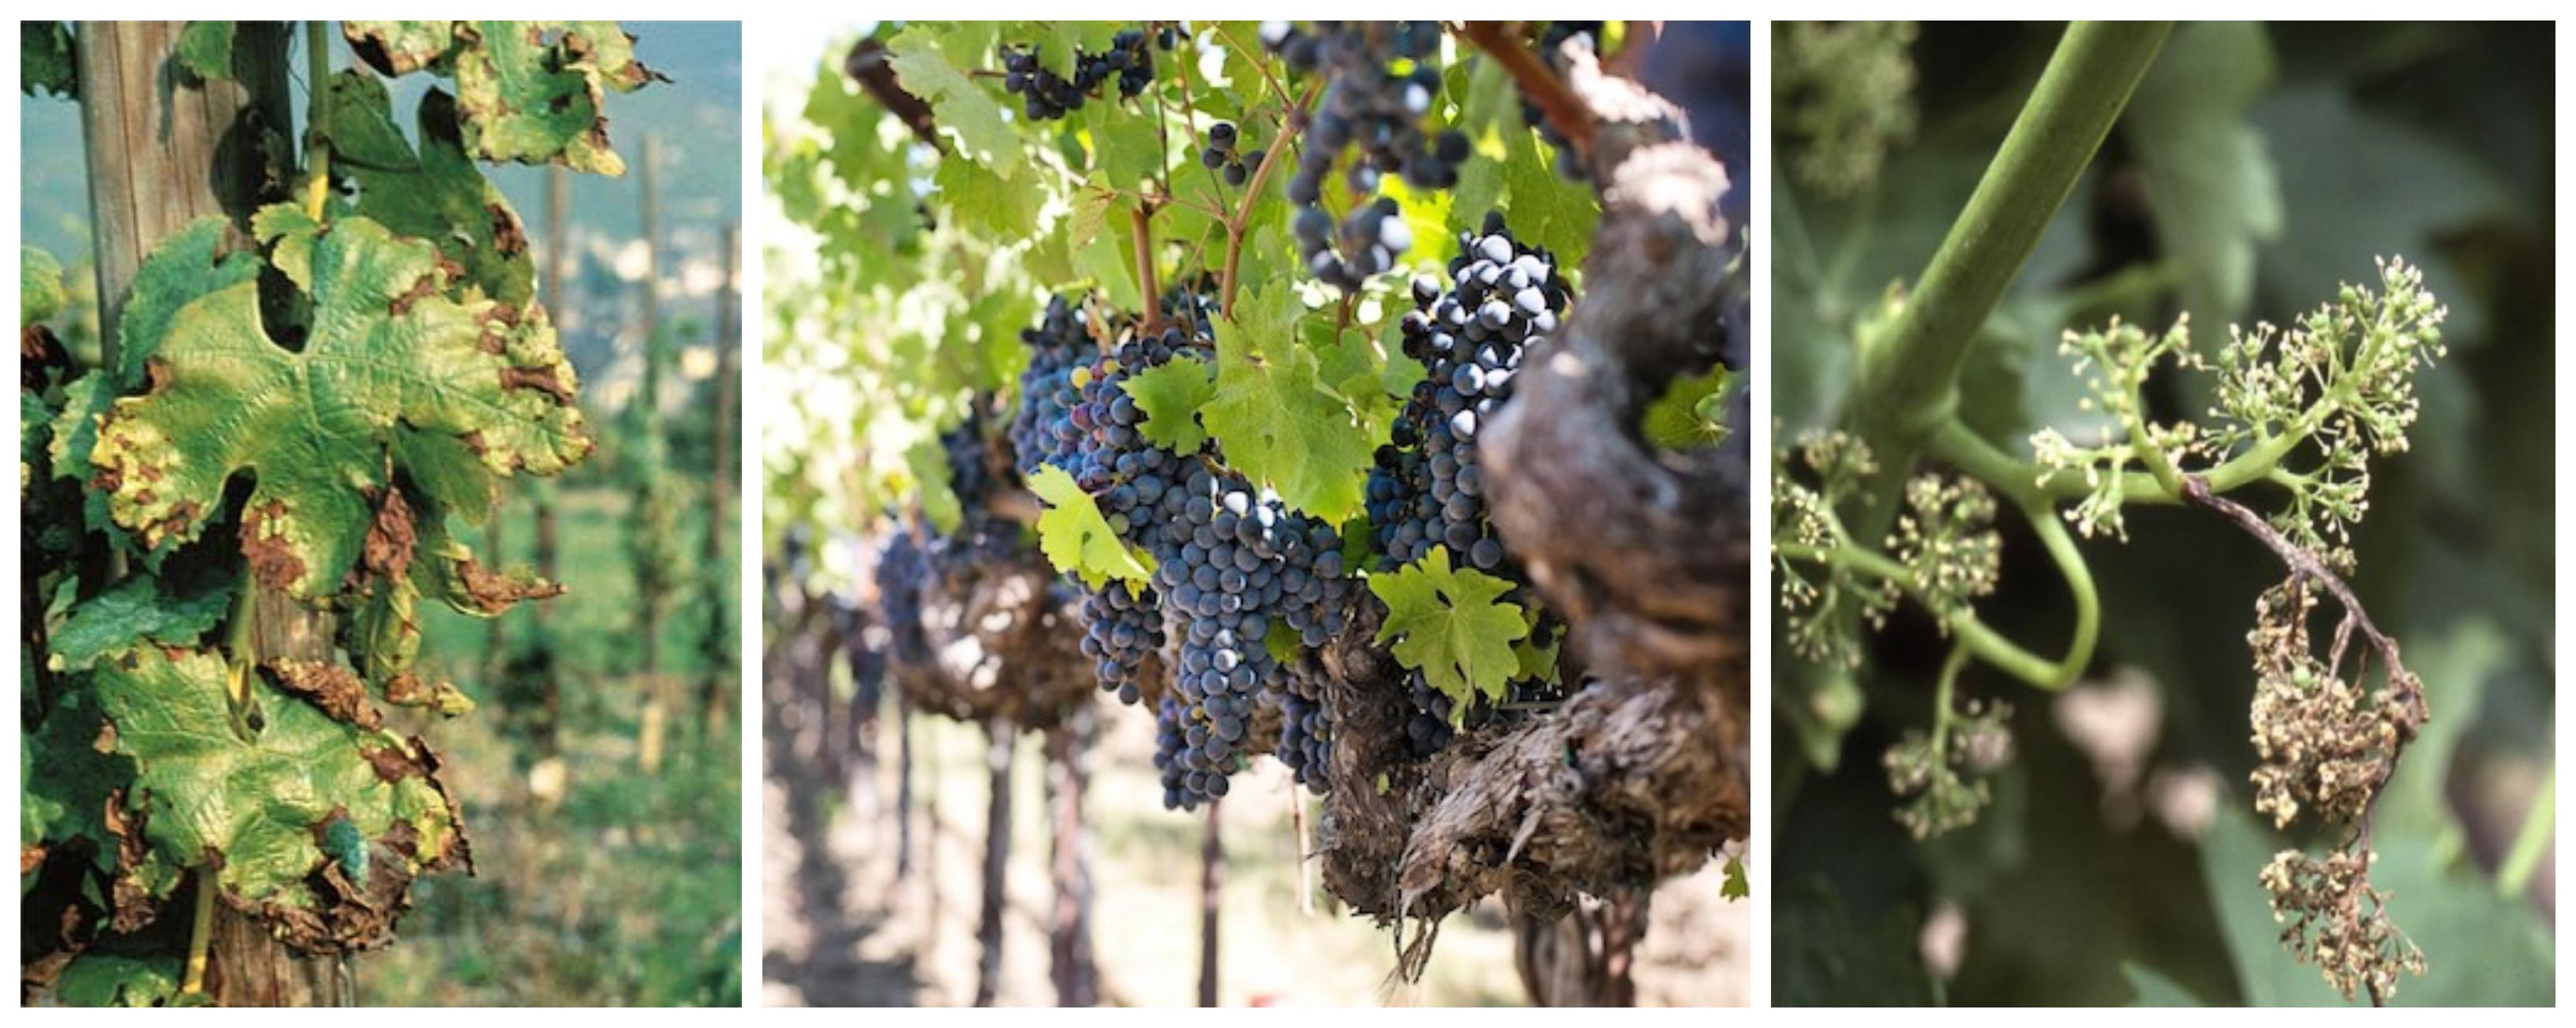 fertilización y vino